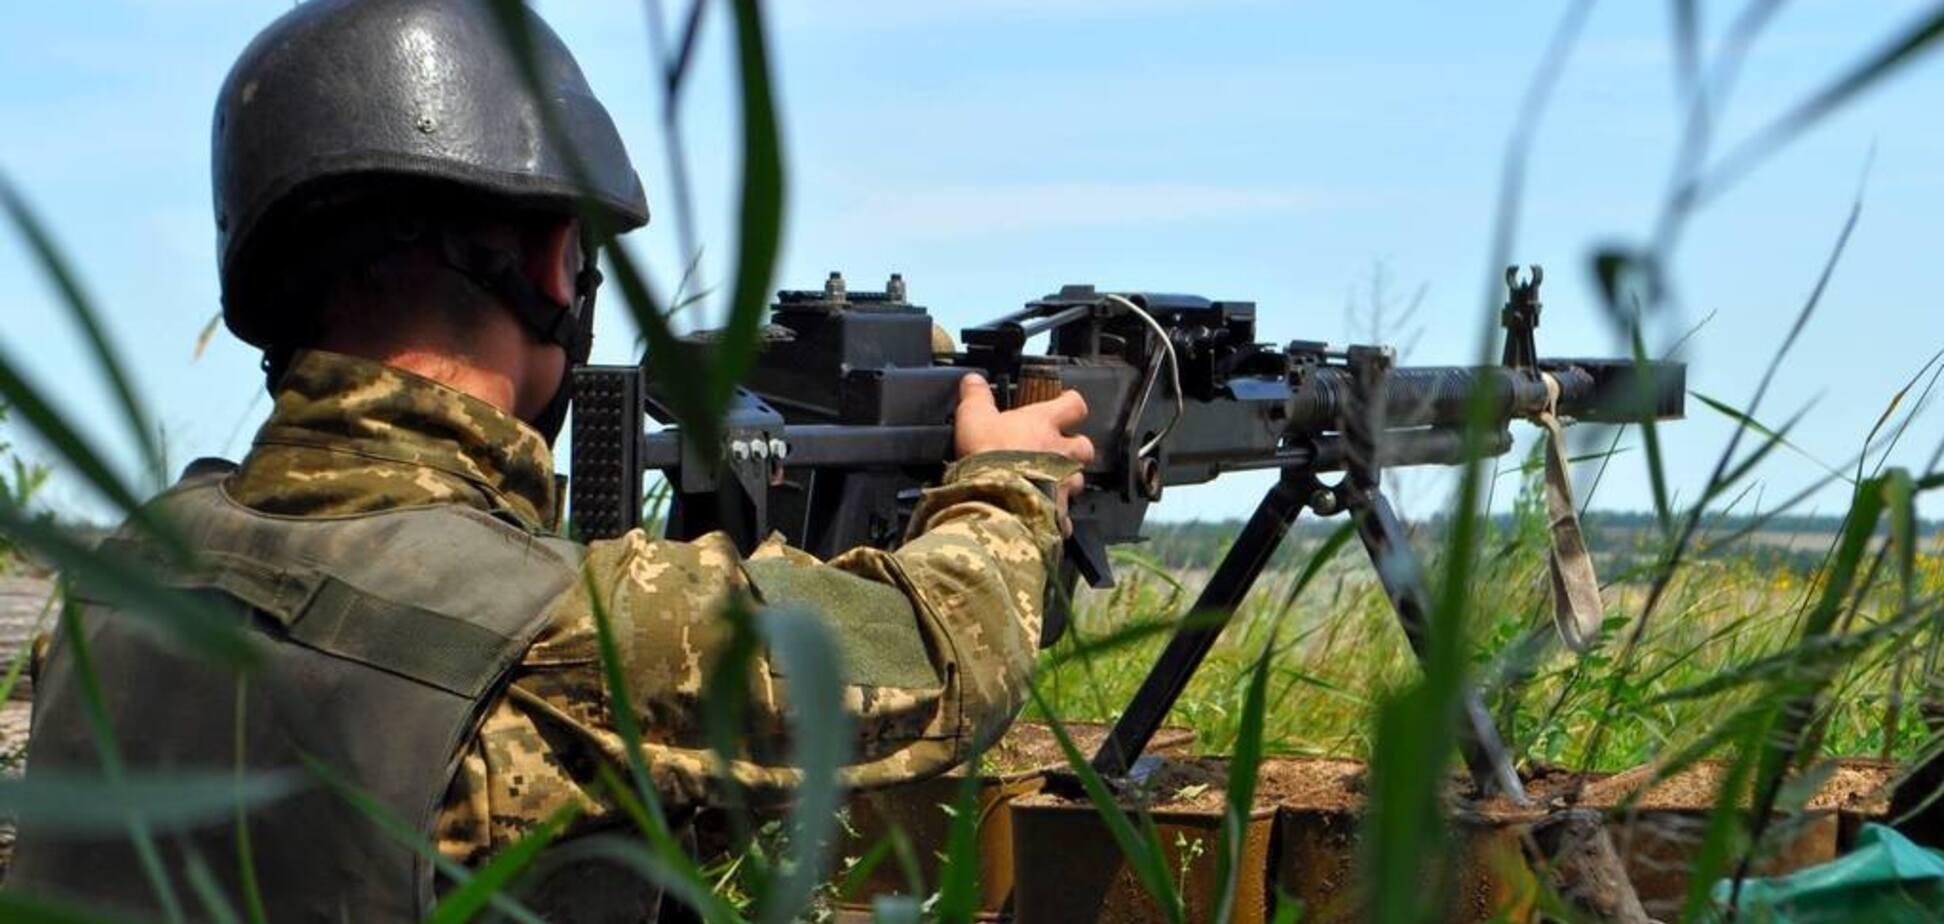 Гиркин стонет: ВСУ сильнее 'армии' оккупанта